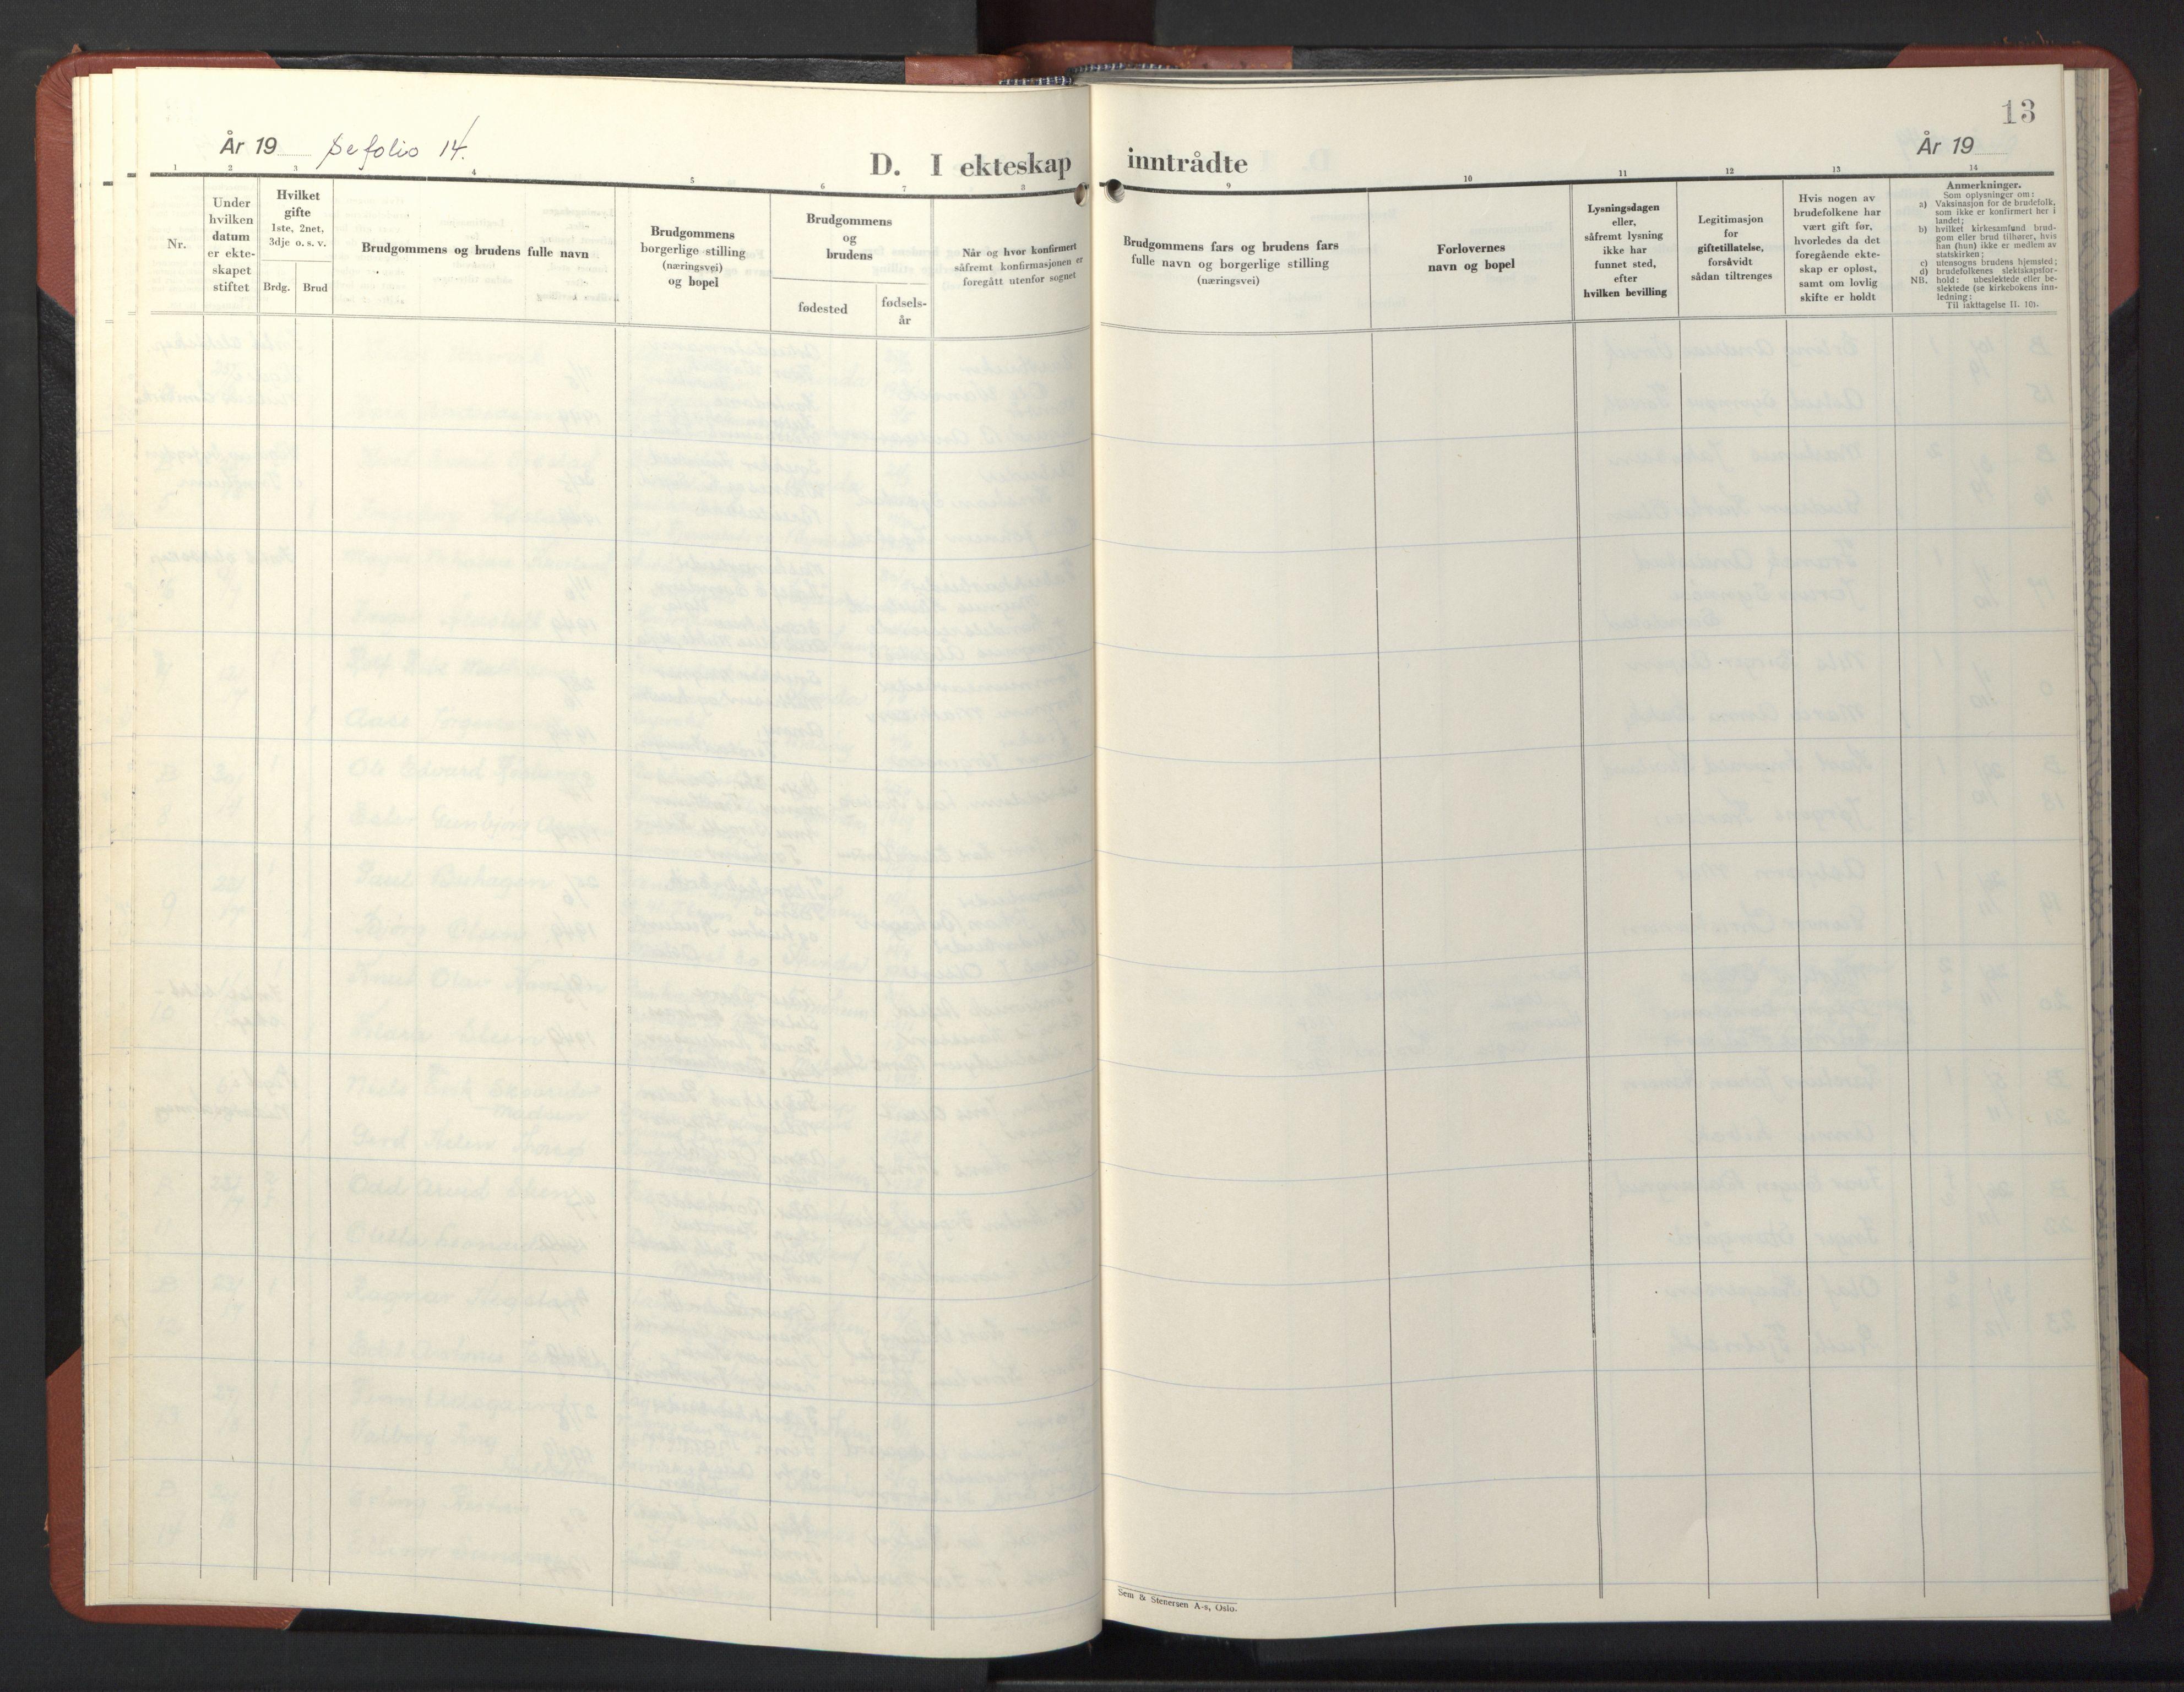 SAT, Ministerialprotokoller, klokkerbøker og fødselsregistre - Sør-Trøndelag, 611/L0359: Klokkerbok nr. 611C07, 1947-1950, s. 13